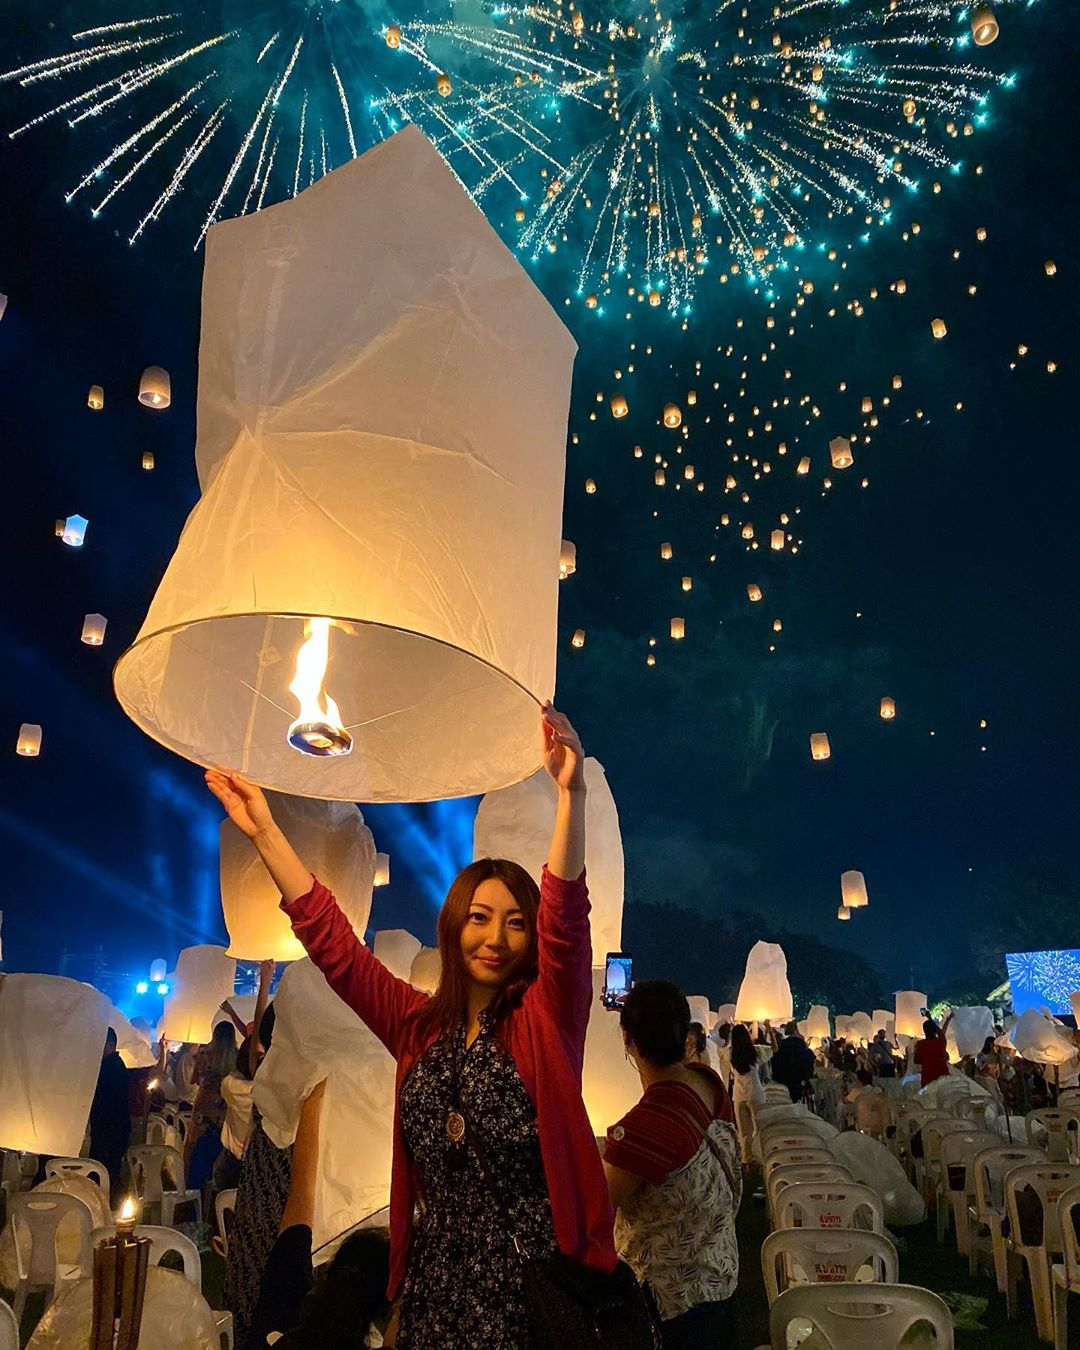 Thaise dame die een brandende wensballon vasthoudt met vuurwerk op de achtergrond